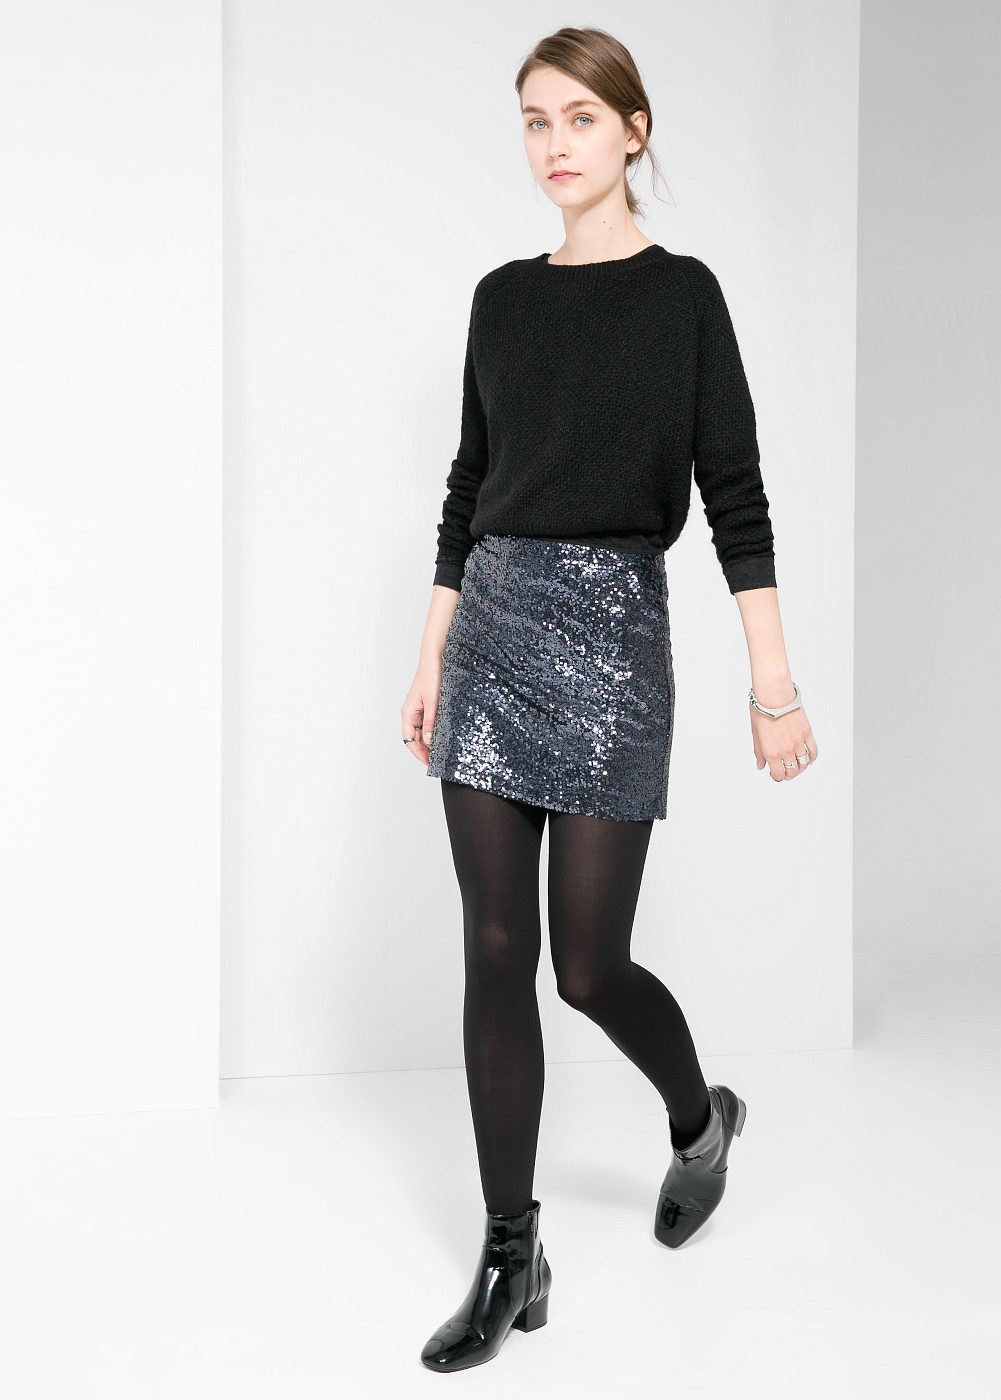 2e84423ea91 Золотисто-черная юбка с пайетками Черная юбка с пайетками с черной кофтой  ...